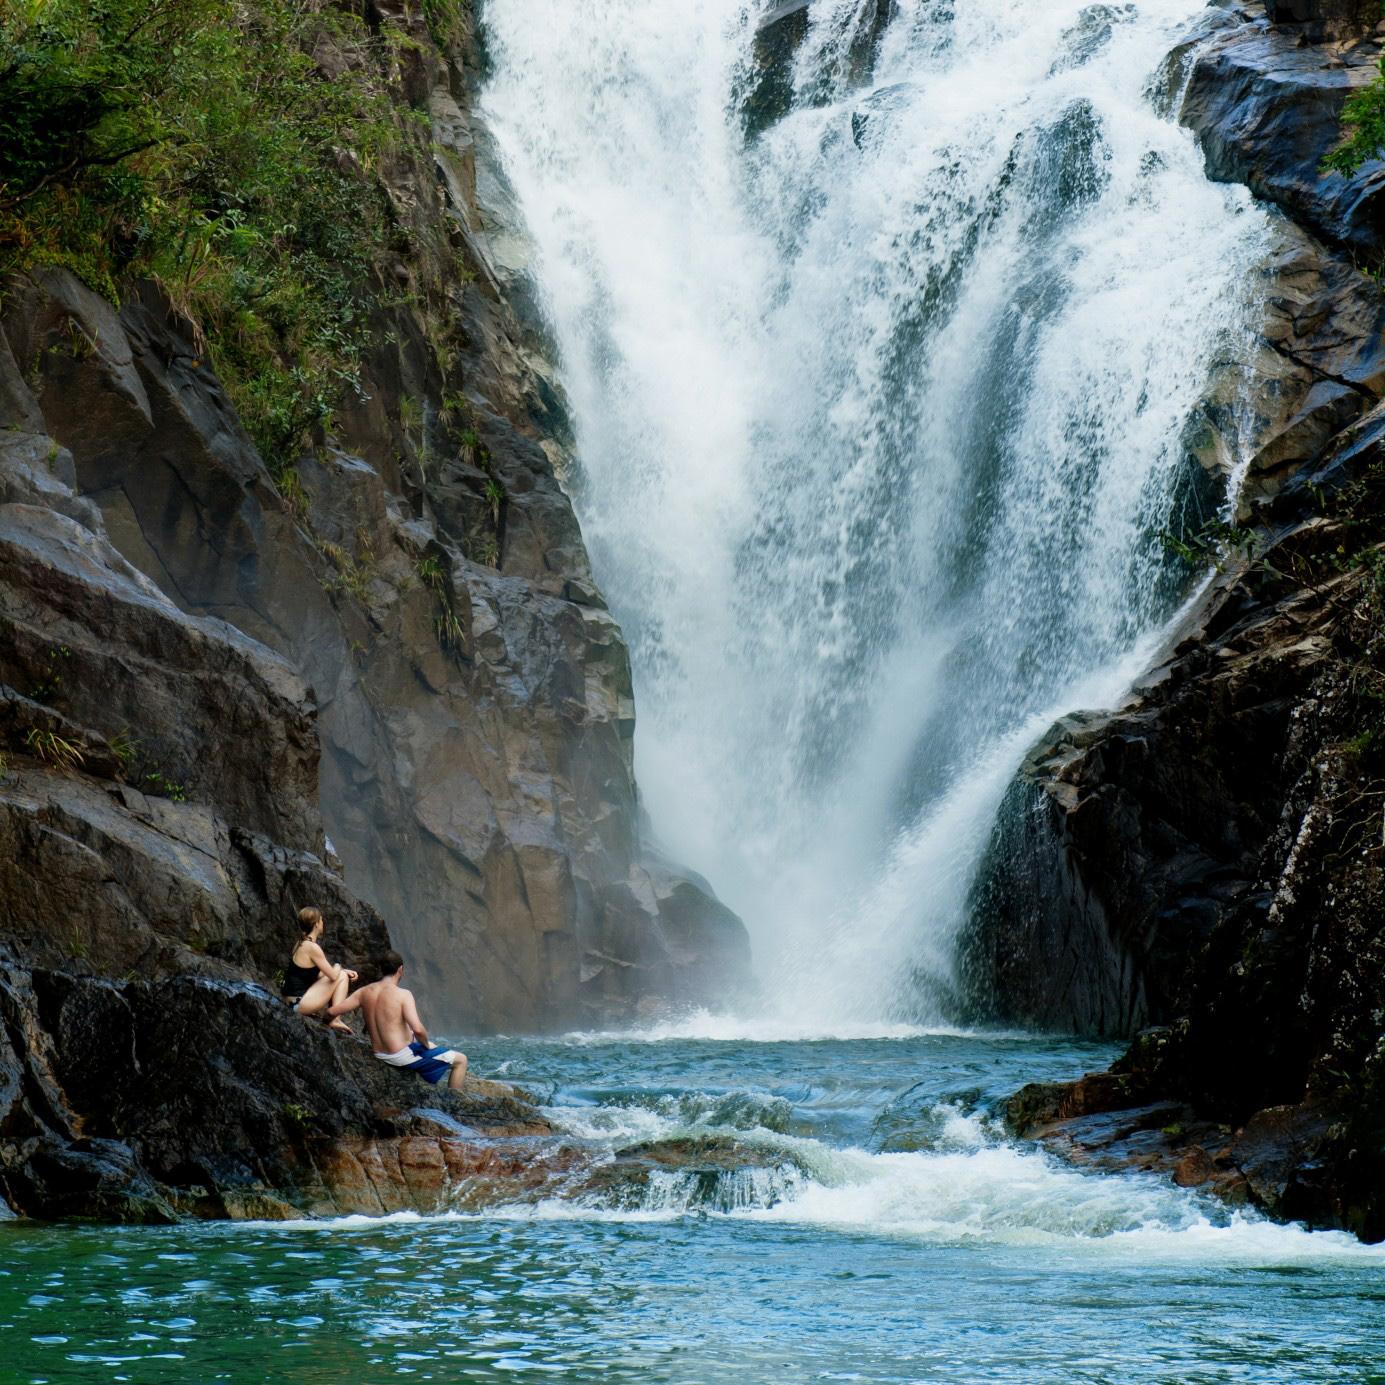 bel09-swimnatural-pools-free